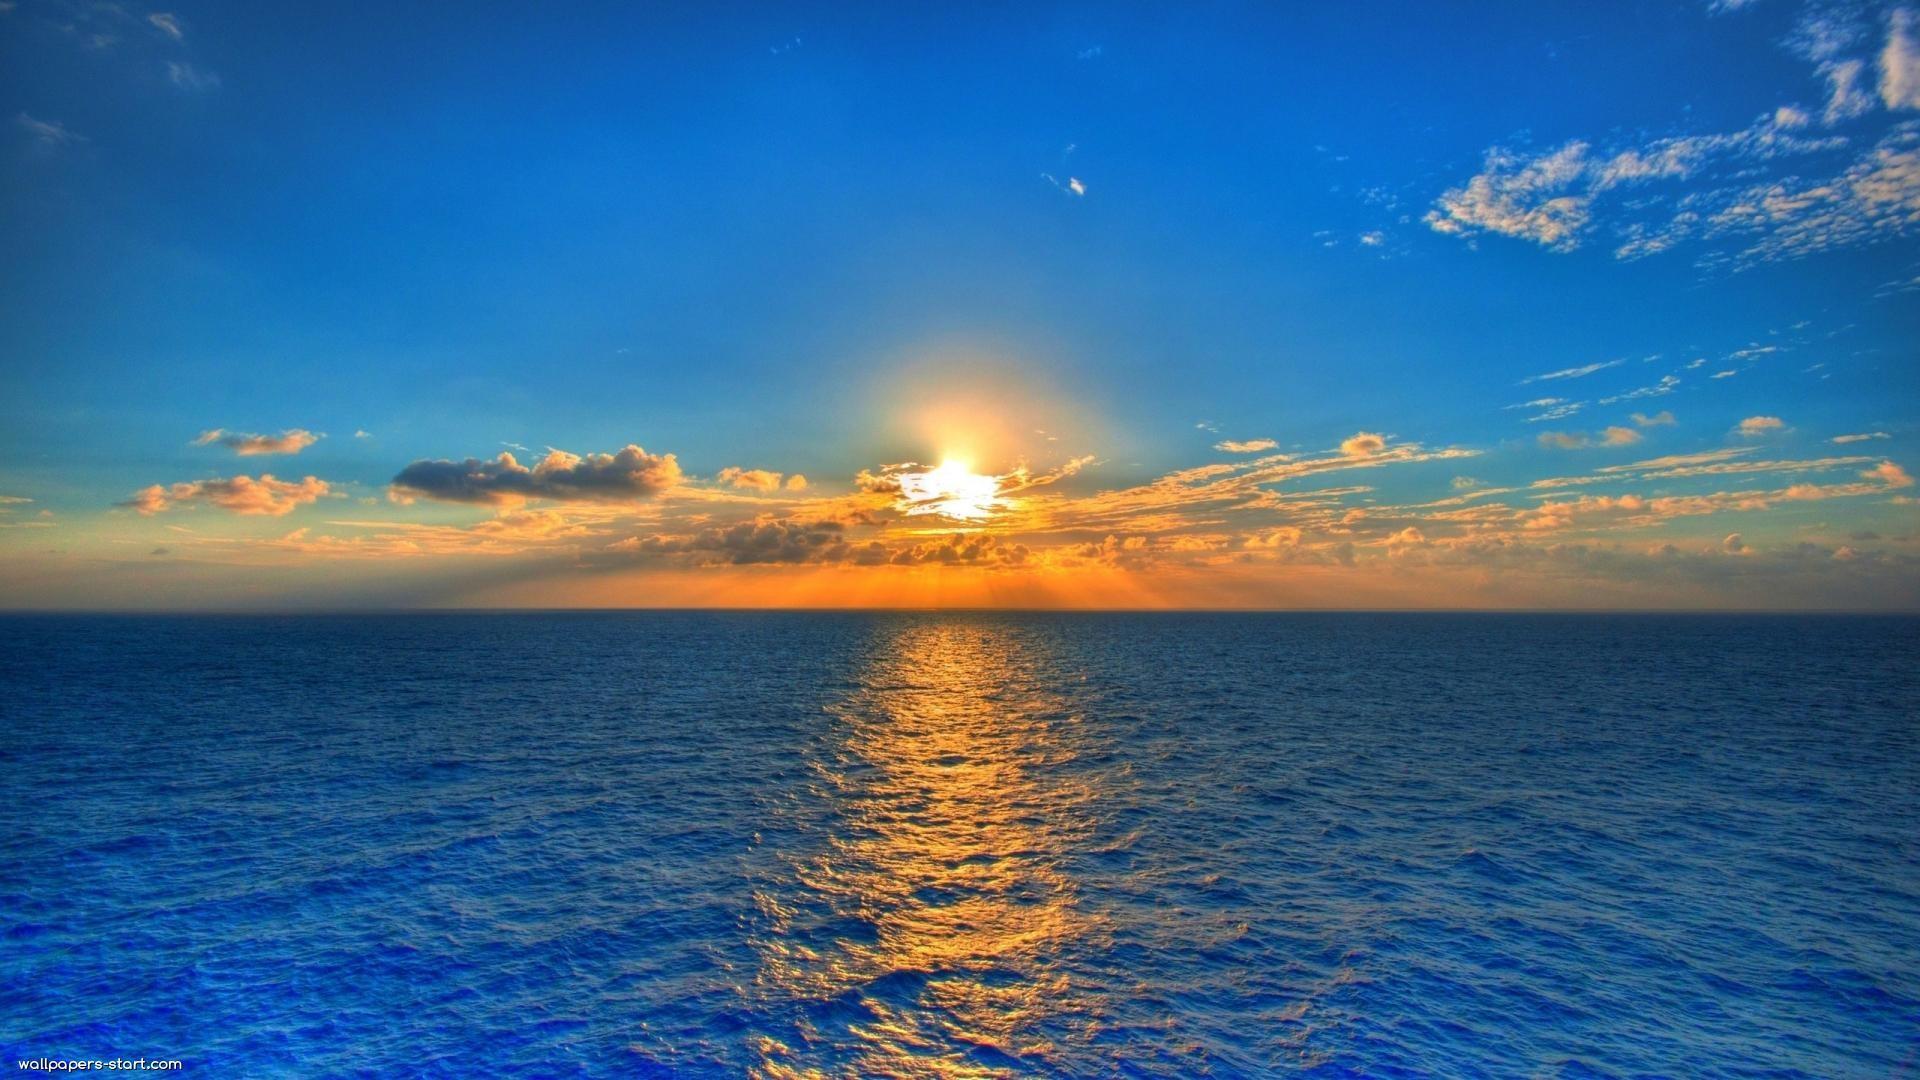 Free Sunset Summer Wallpaper For Desktop